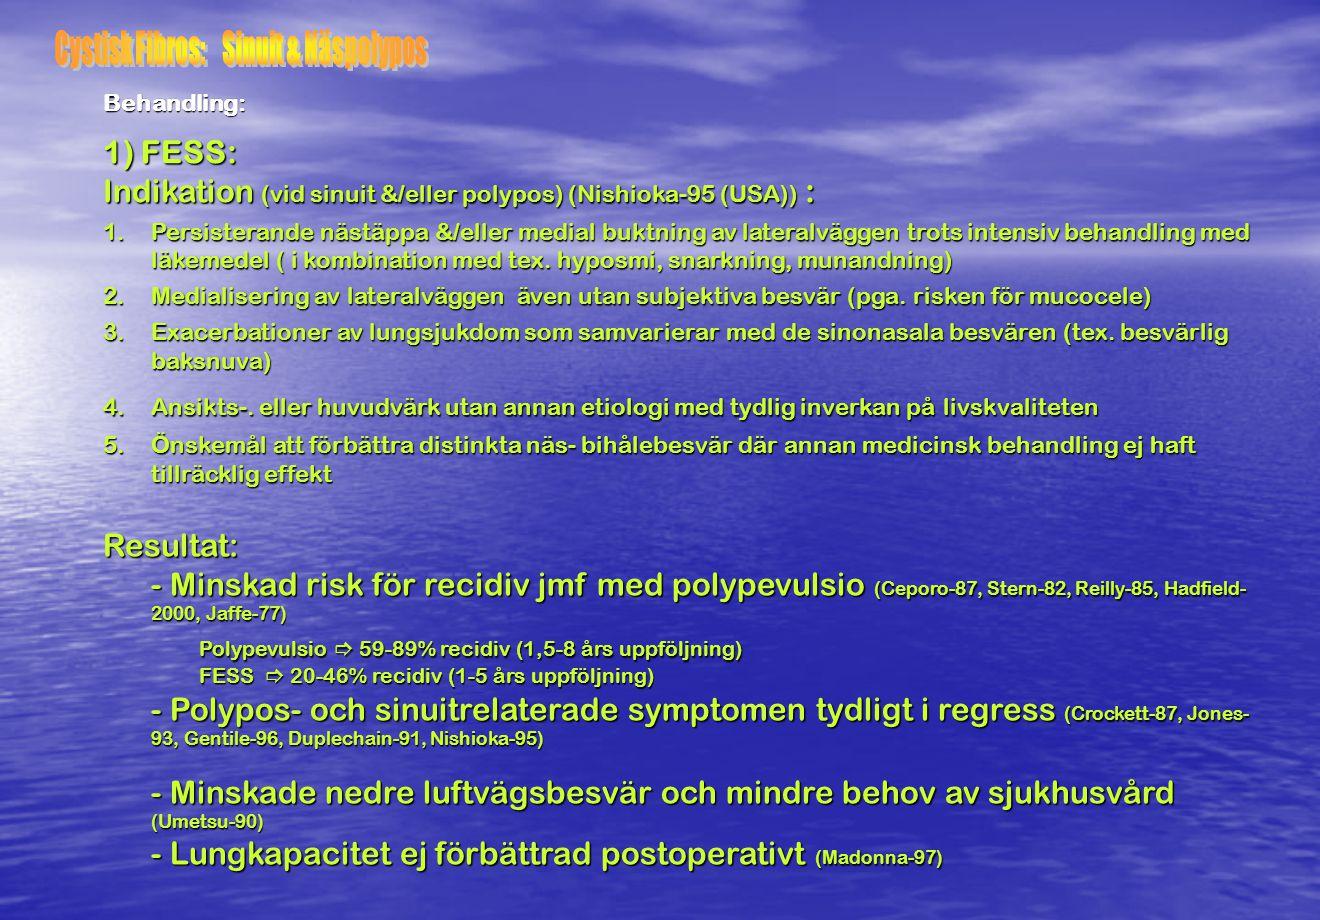 1) FESS: Indikation (vid sinuit &/eller polypos) (Nishioka-95 (USA)) : 1.Persisterande nästäppa &/eller medial buktning av lateralväggen trots intensi